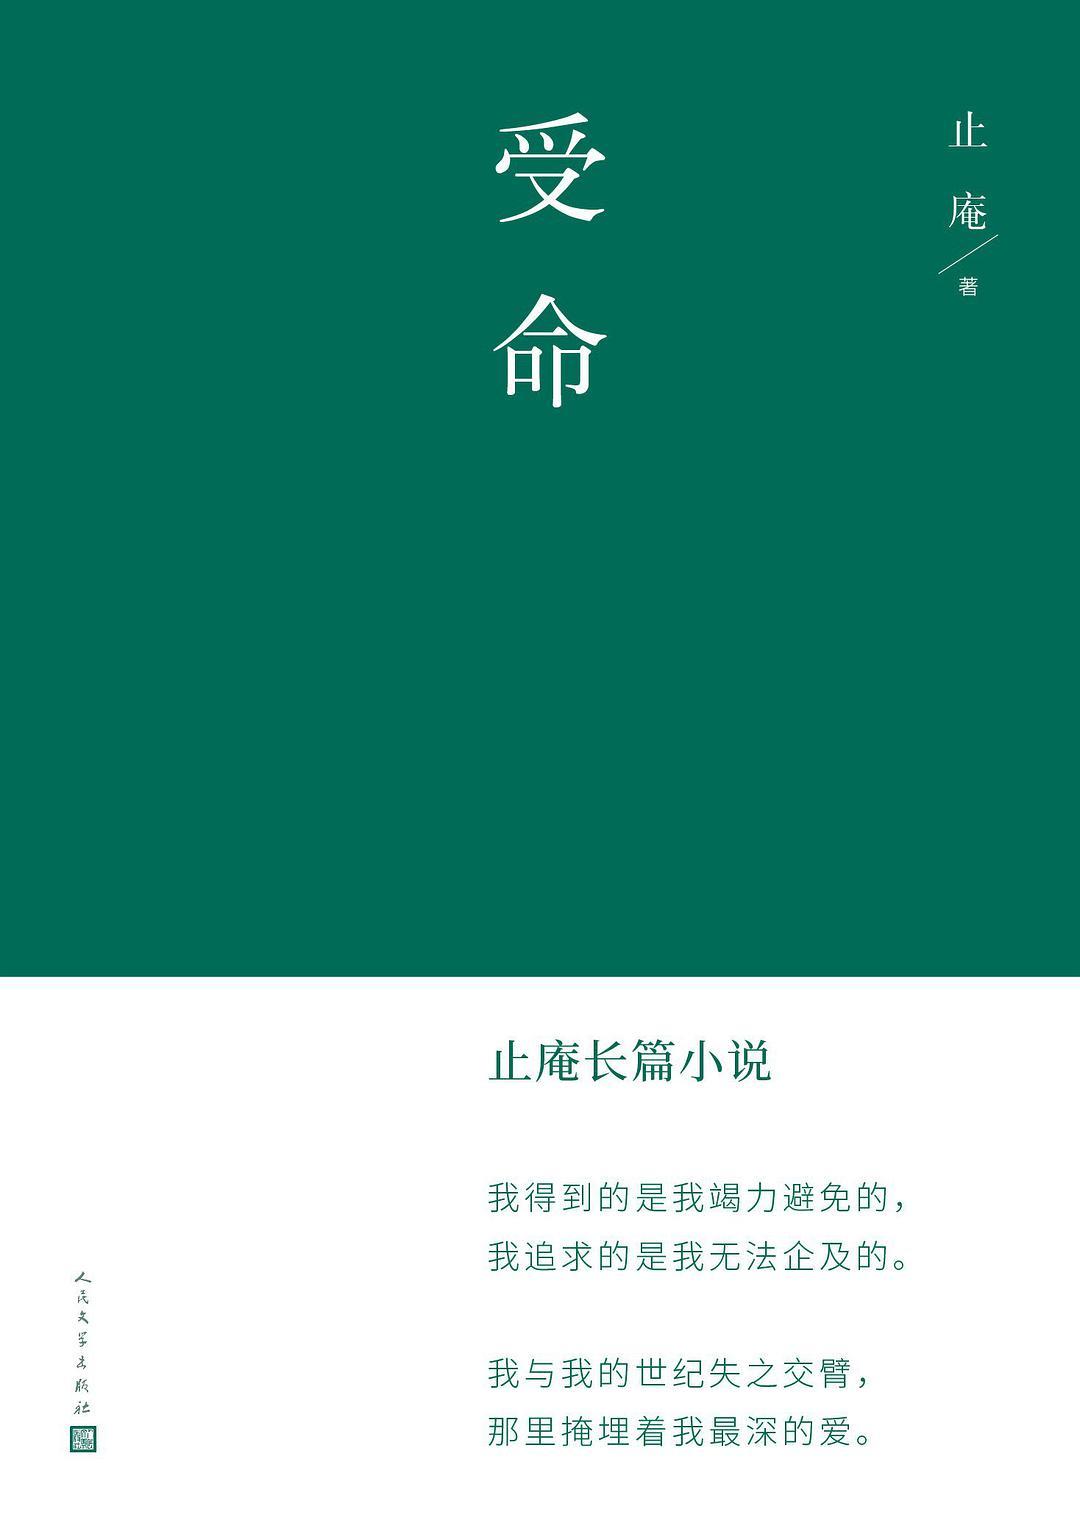 《受命》,止庵著,人民文学出版社2021年3月出版,320页,49.00元